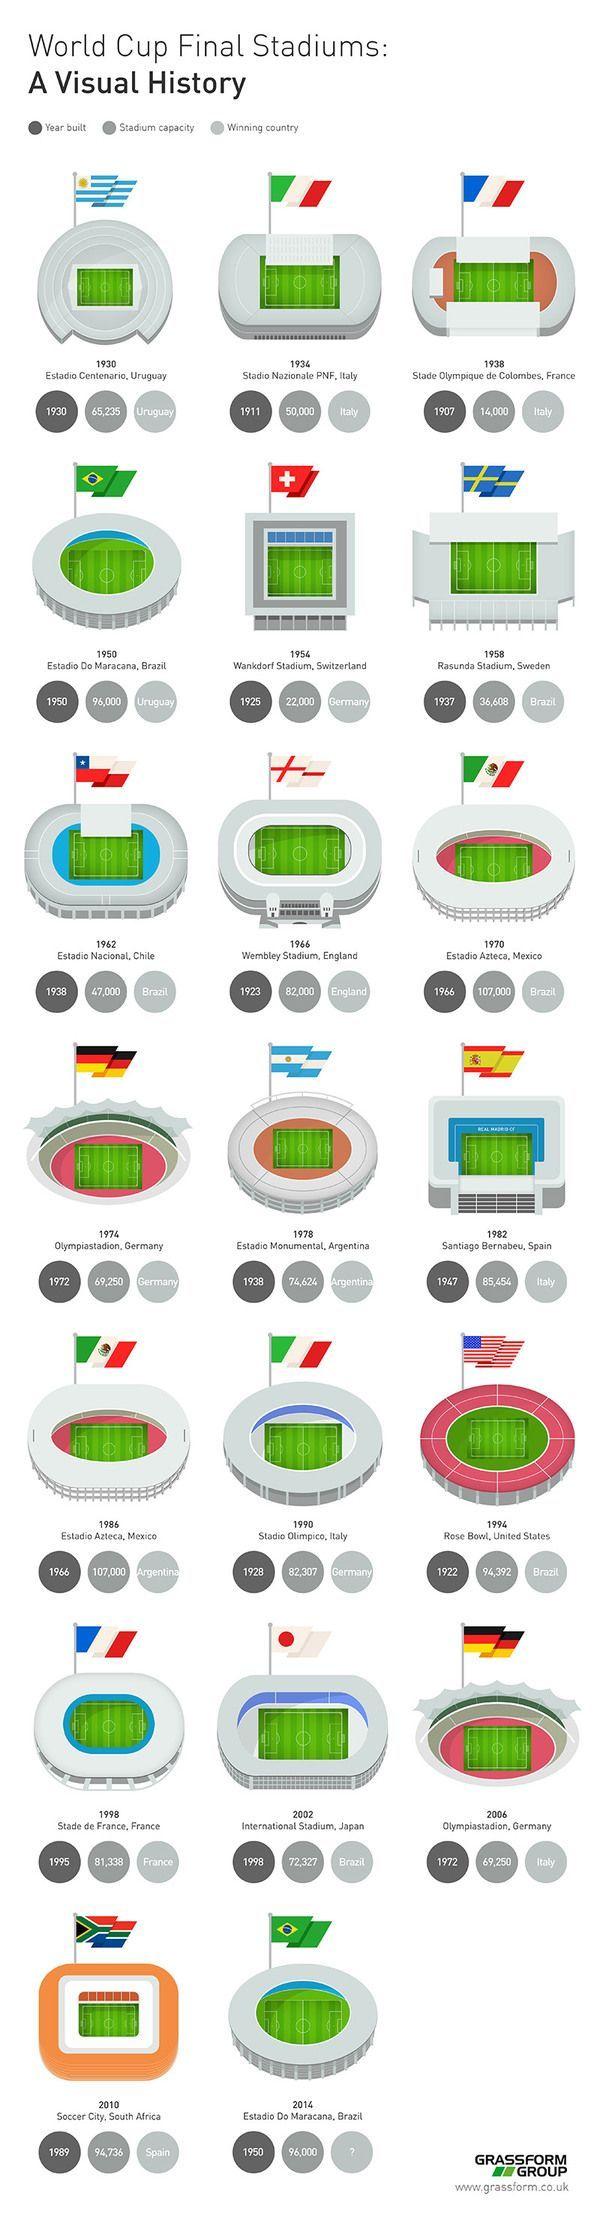 Los Diferentes Estadios Finales De La Copa Mundial De Fútbol Worldsoccer Estadios Copa Mundial De Futbol Copa Del Mundo De Futbol